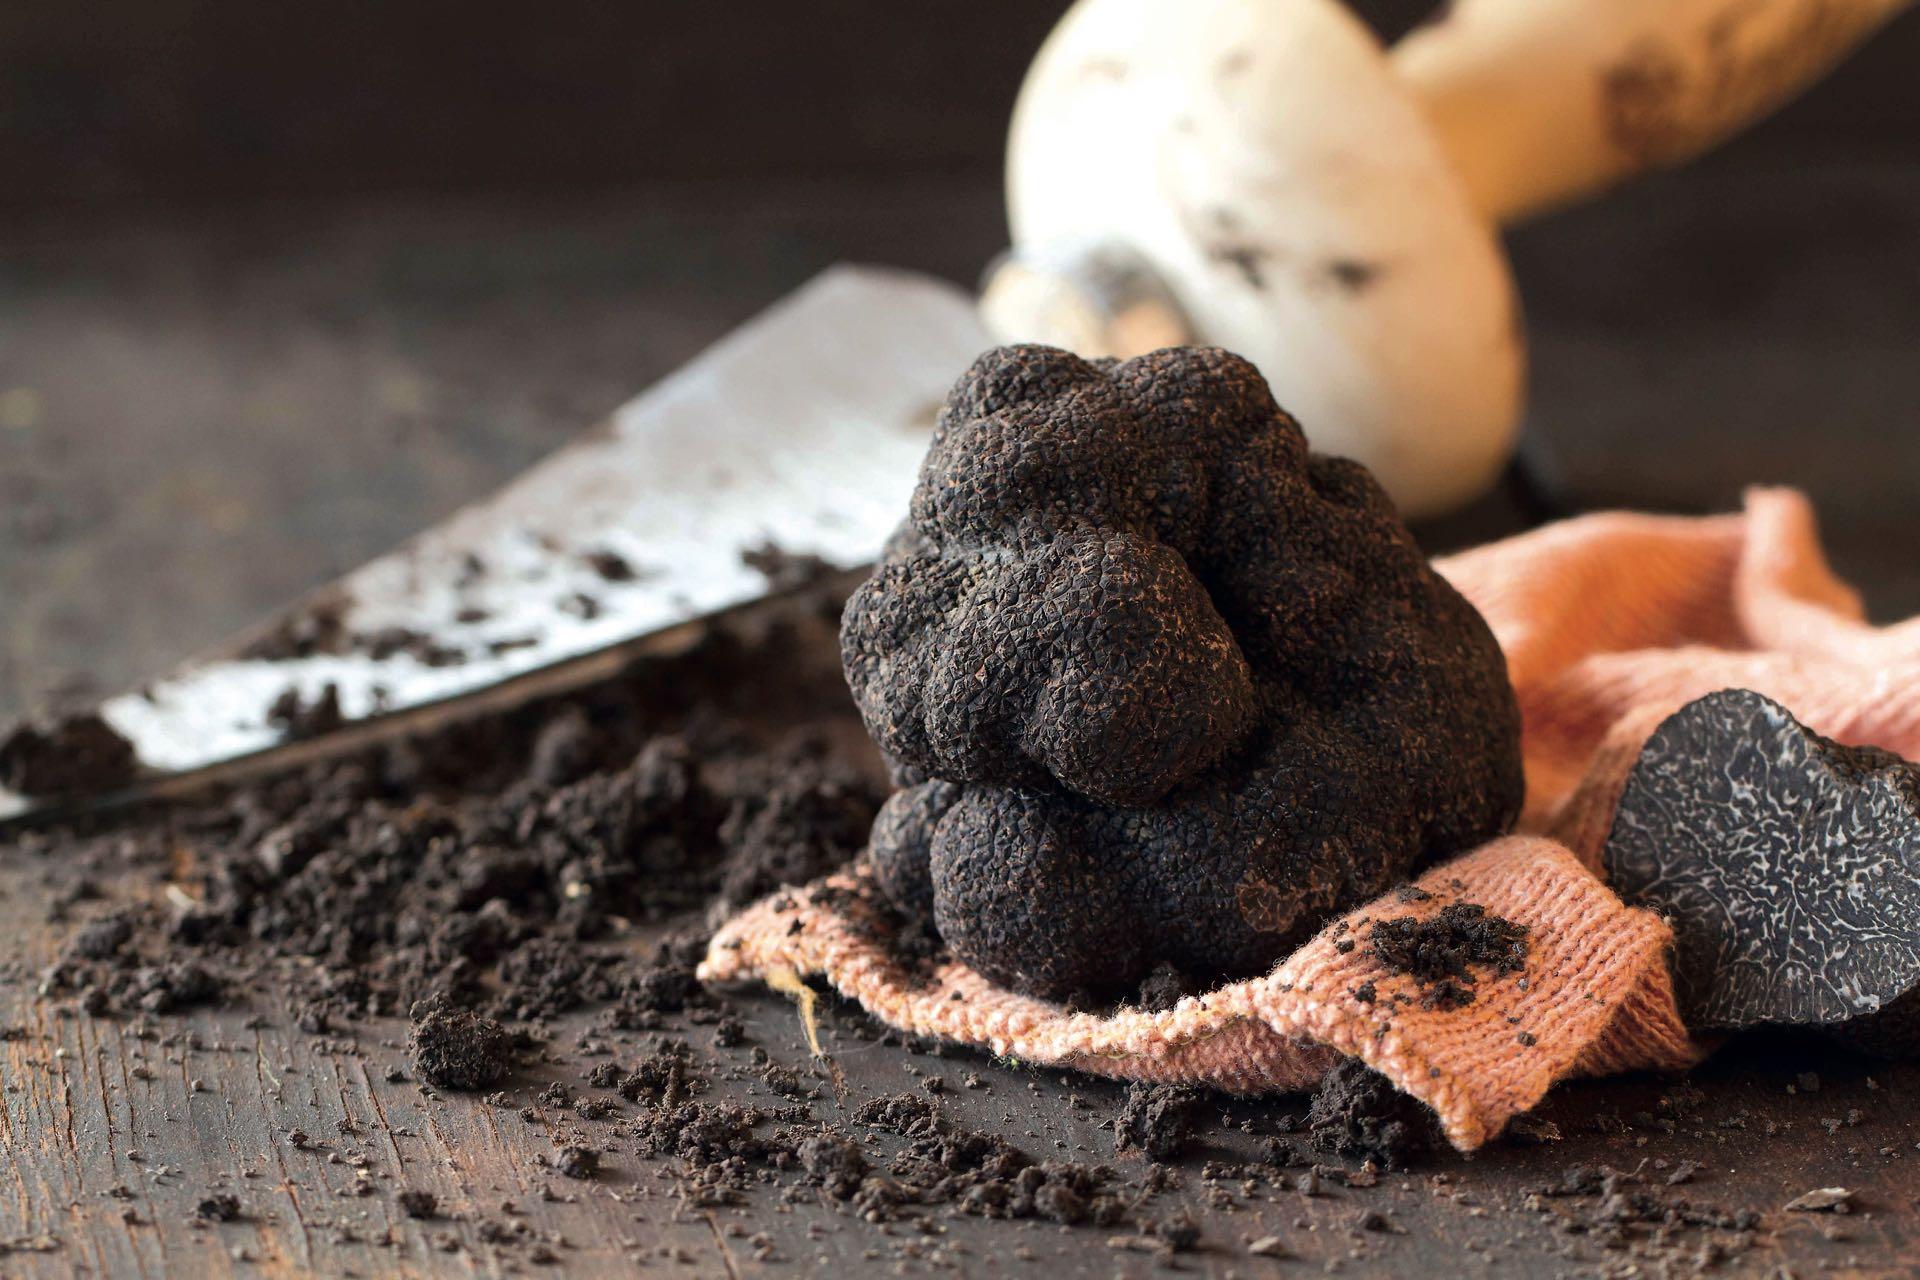 Invertir en la producción de trufas, nueces de pecán, vinos, aceitunas o aceite: una opción interesante para obtener ganancias.